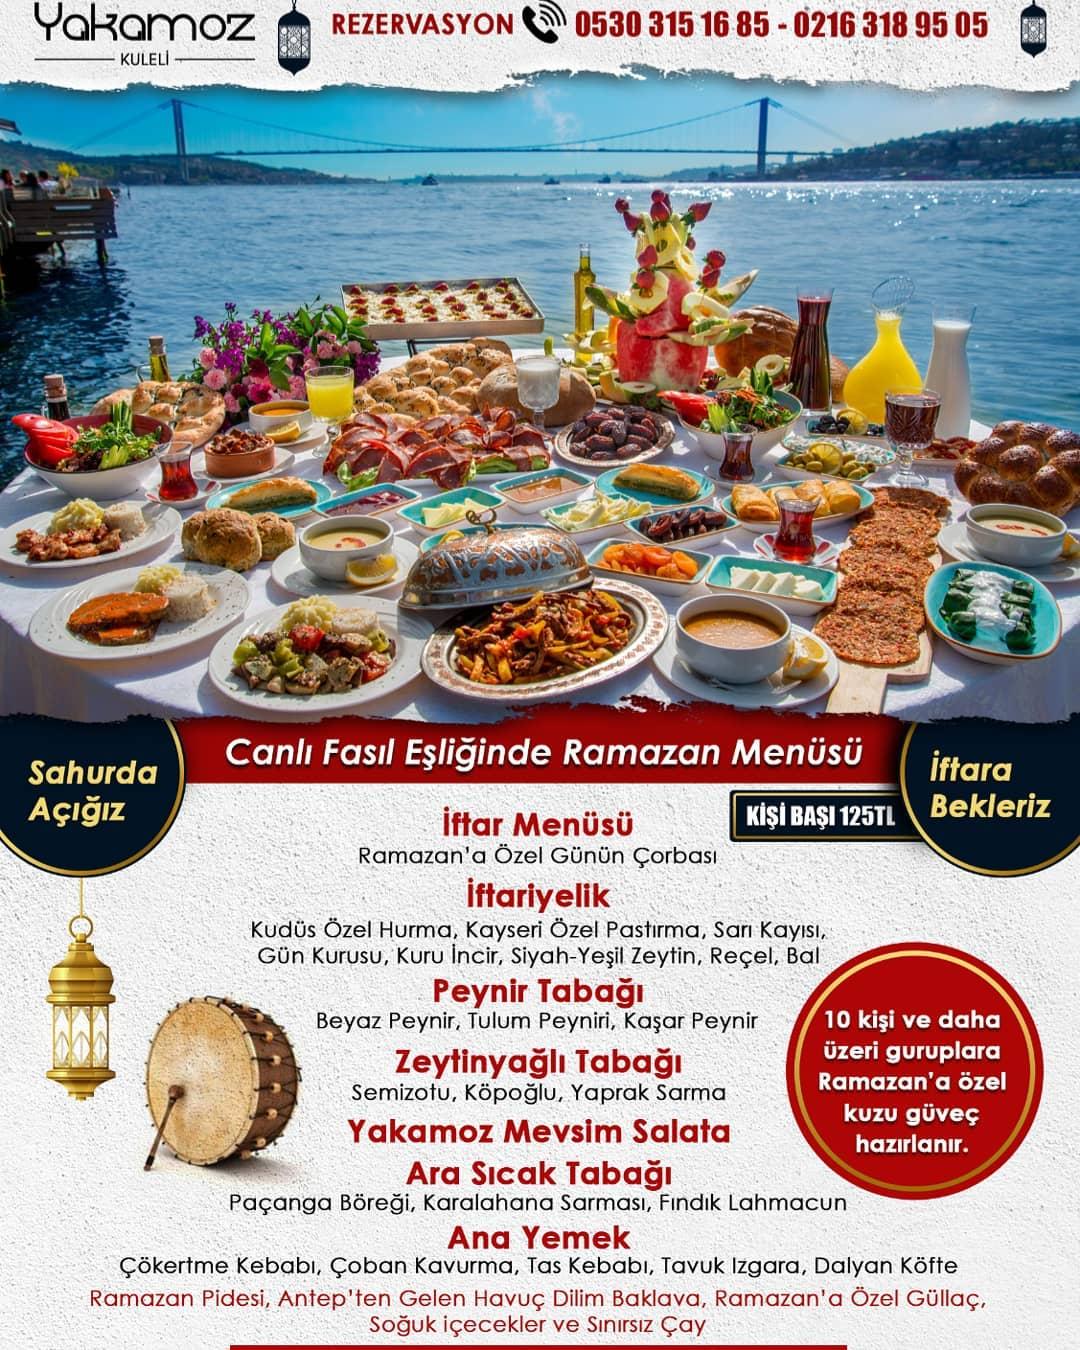 kuleli yakamoz restaurant iftar menüsü fiyat çengelköyde iftar mekanları en güzel iftar mekanları boğaz manzaralı iftar mekanları